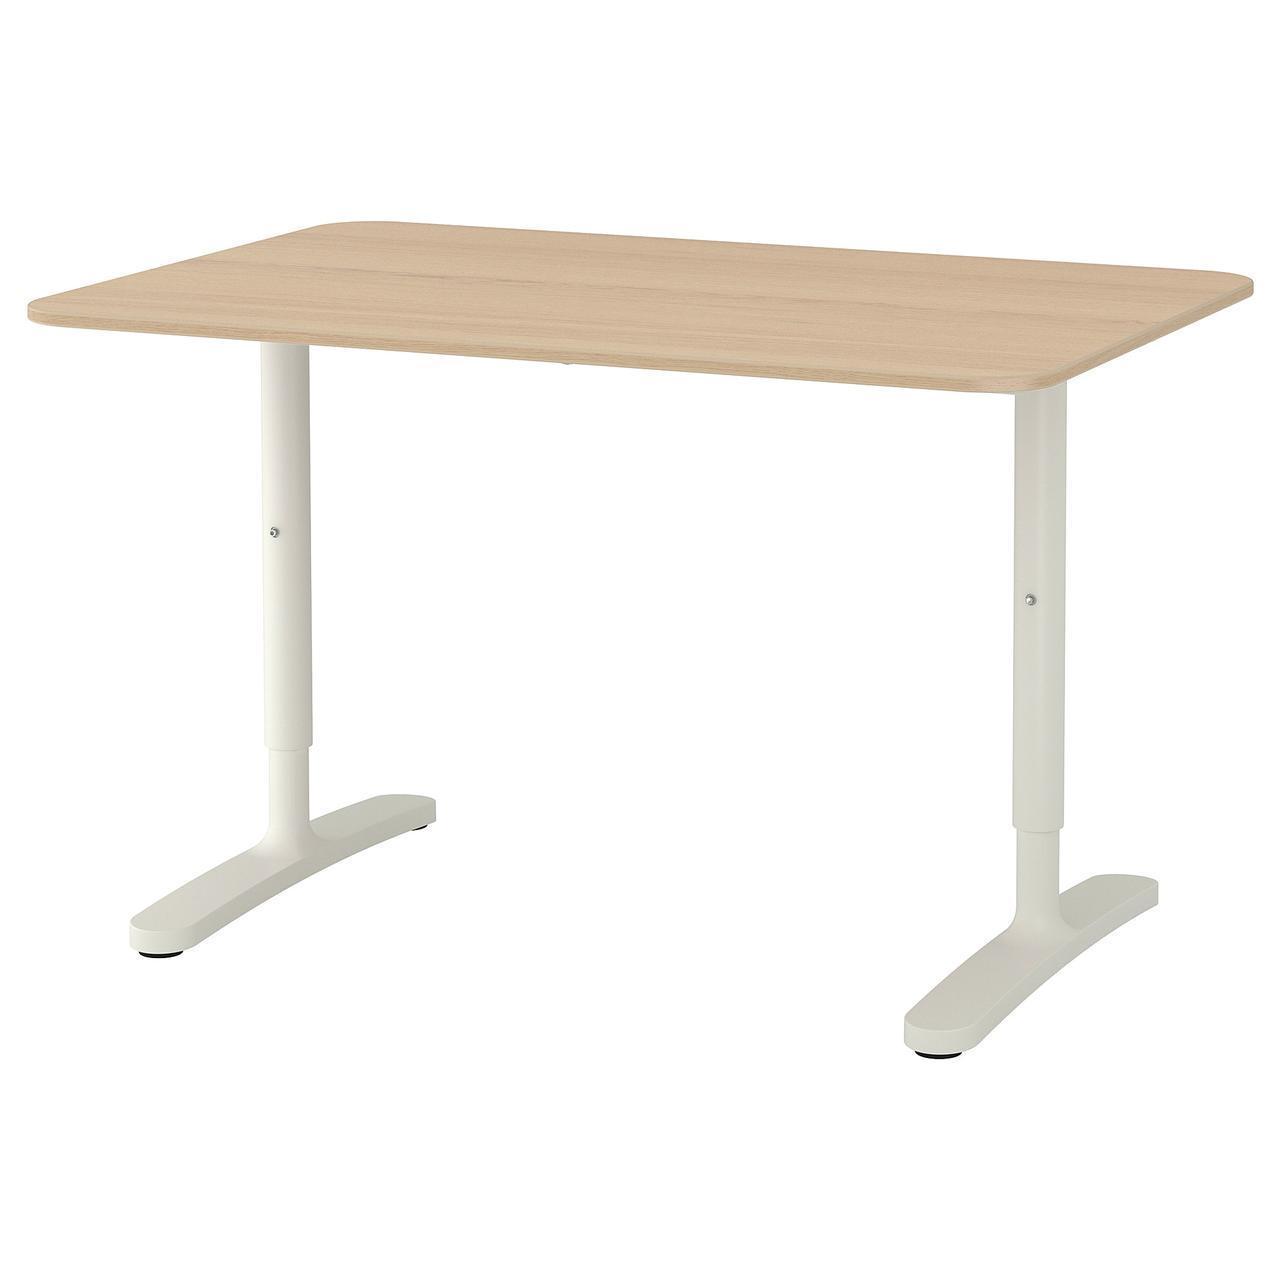 Комп'ютерний стіл IKEA BEKANT 120x80 см дубовий шпон білий 892.825.91